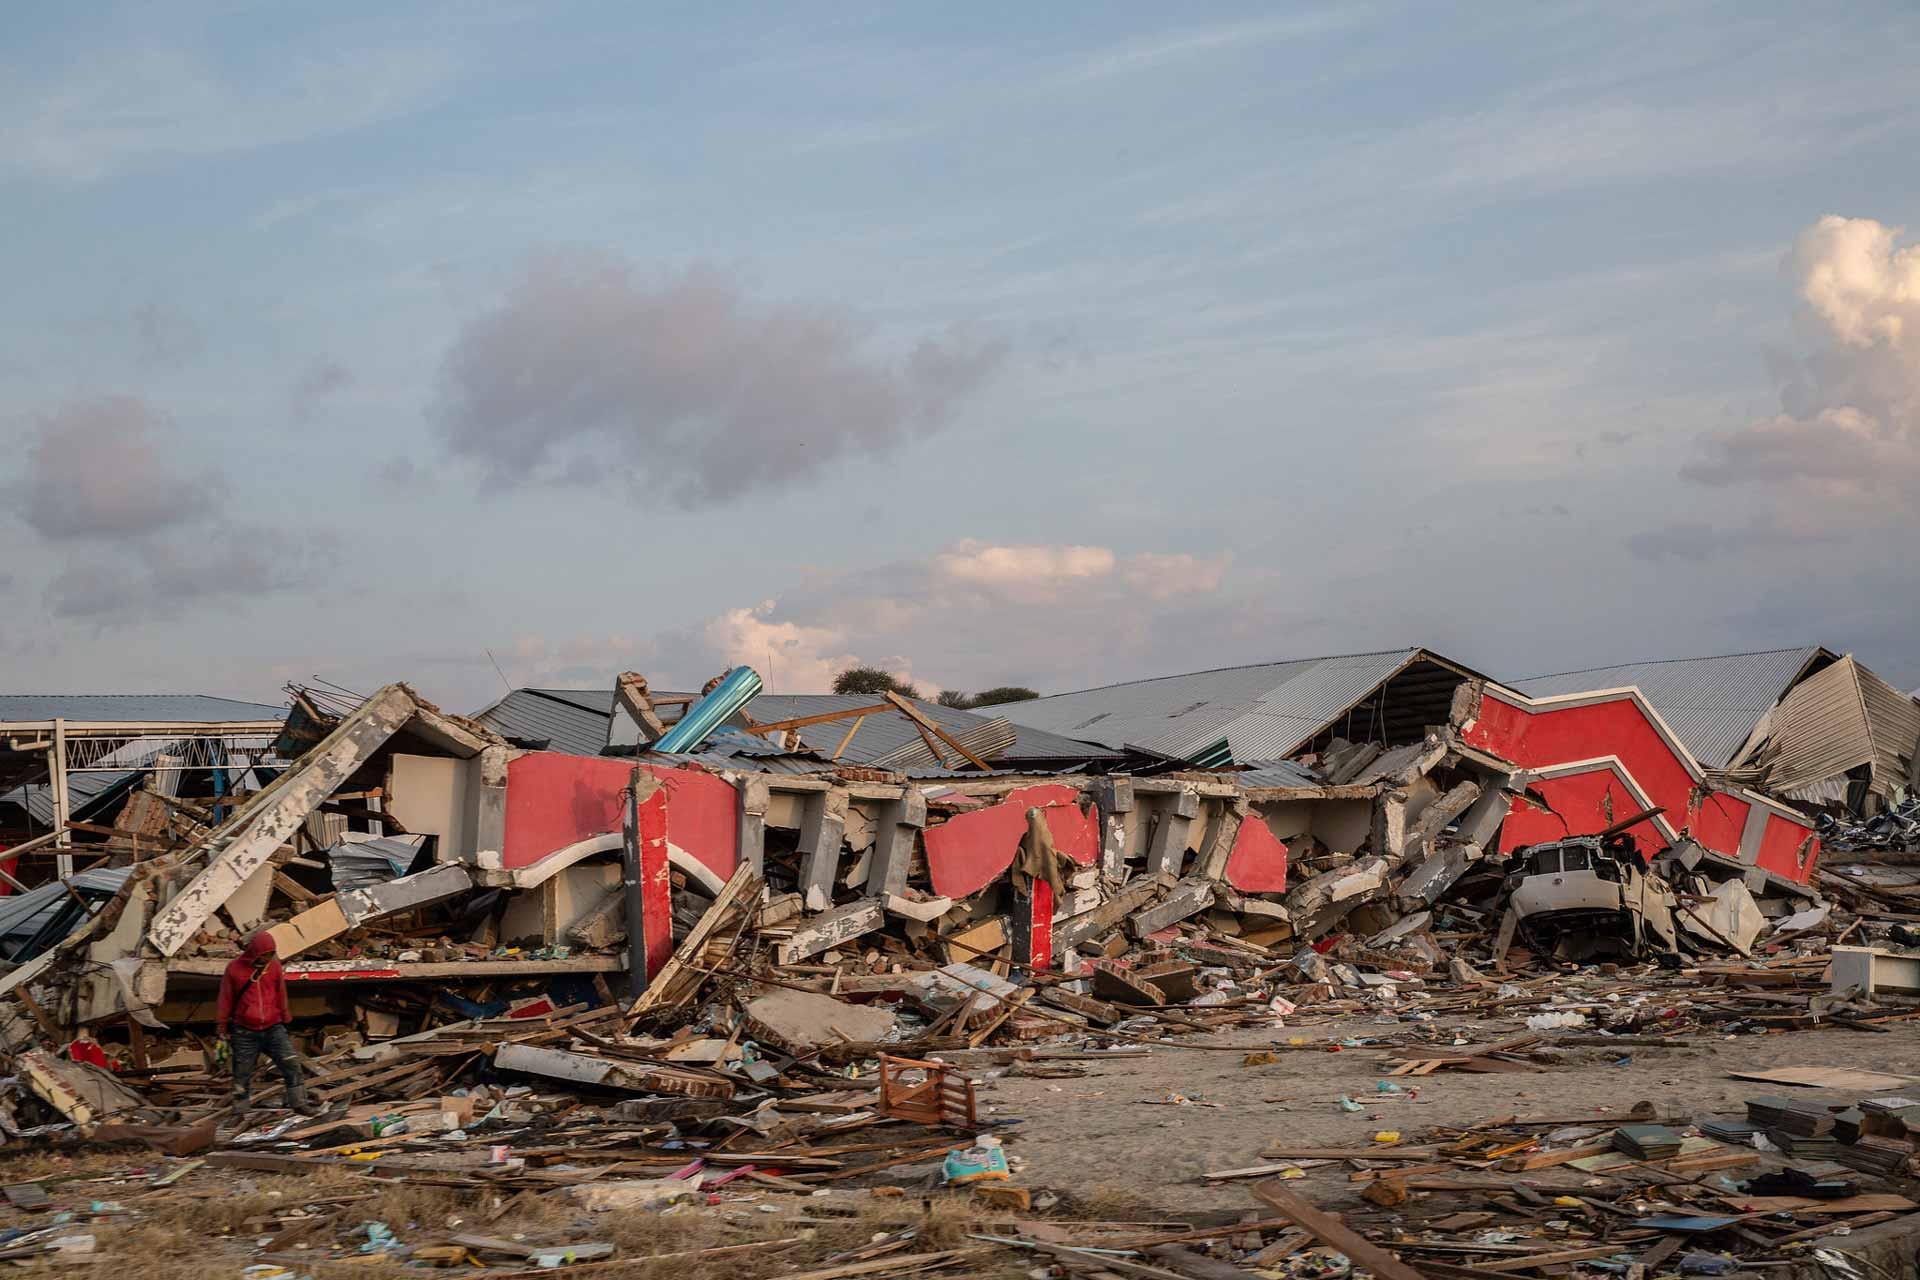 Zurück blieben nur noch Trümmer: Zerstörte Häuser nach der Flutwelle, welche Ende September die indonesische Insel Sulawesi traf.   © 2018 Putu Sayoga / Catholic Relief Services